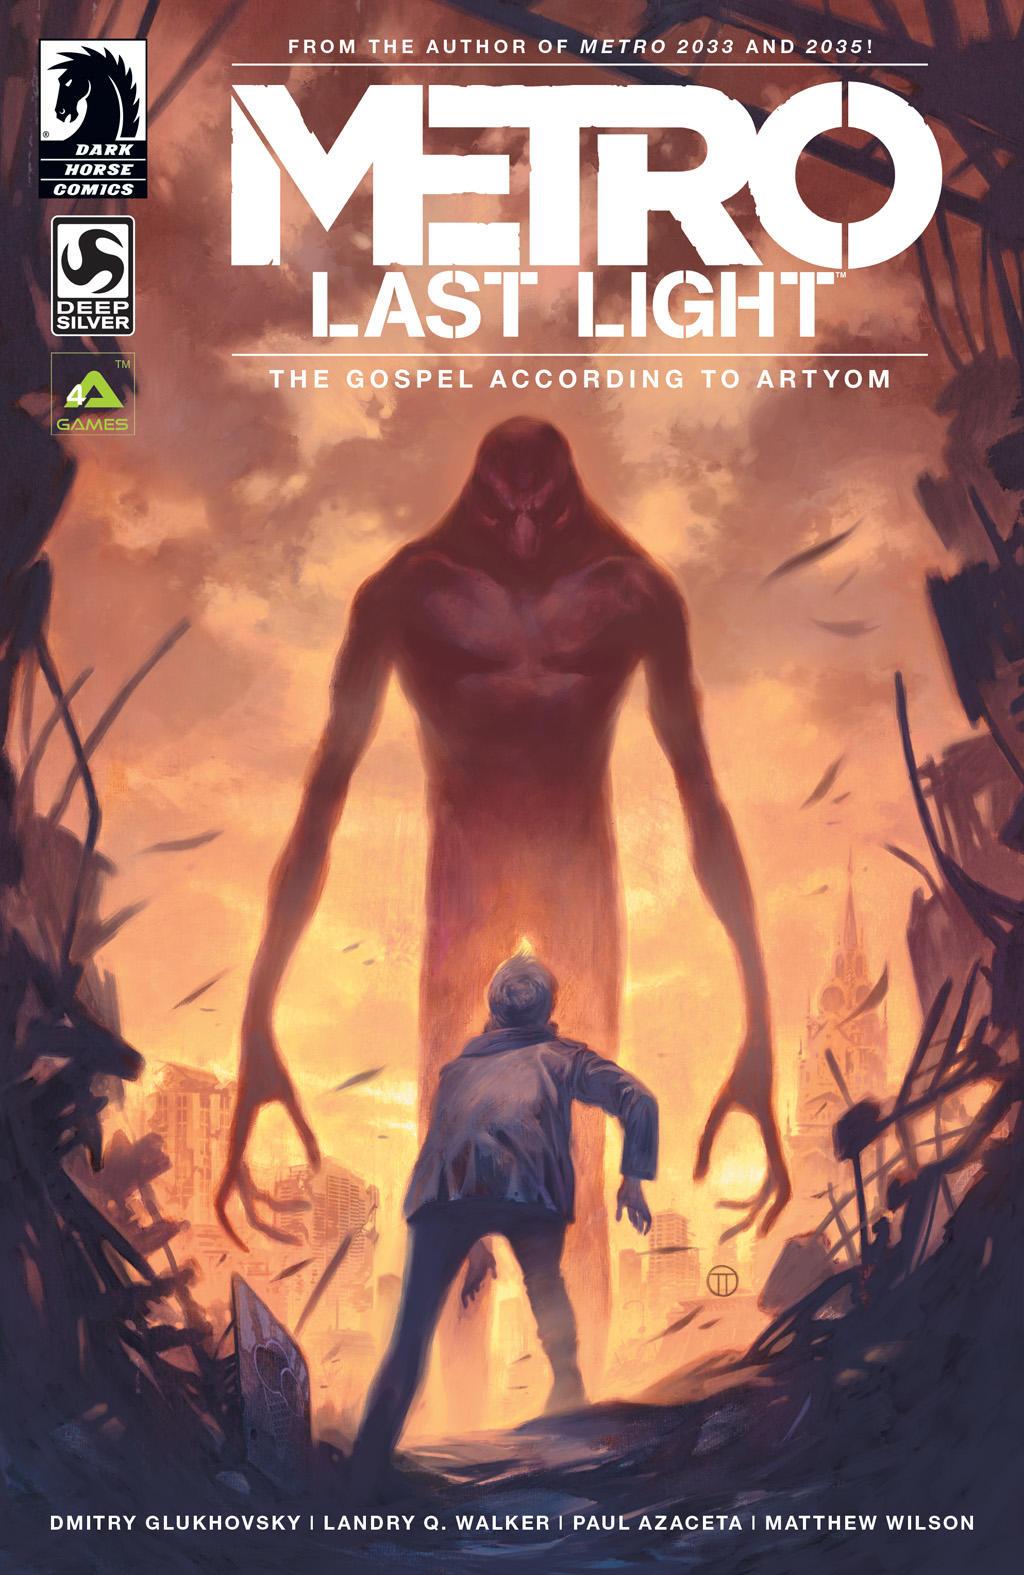 Metro Last Light Amazon Exclusive Pre-Order Comic